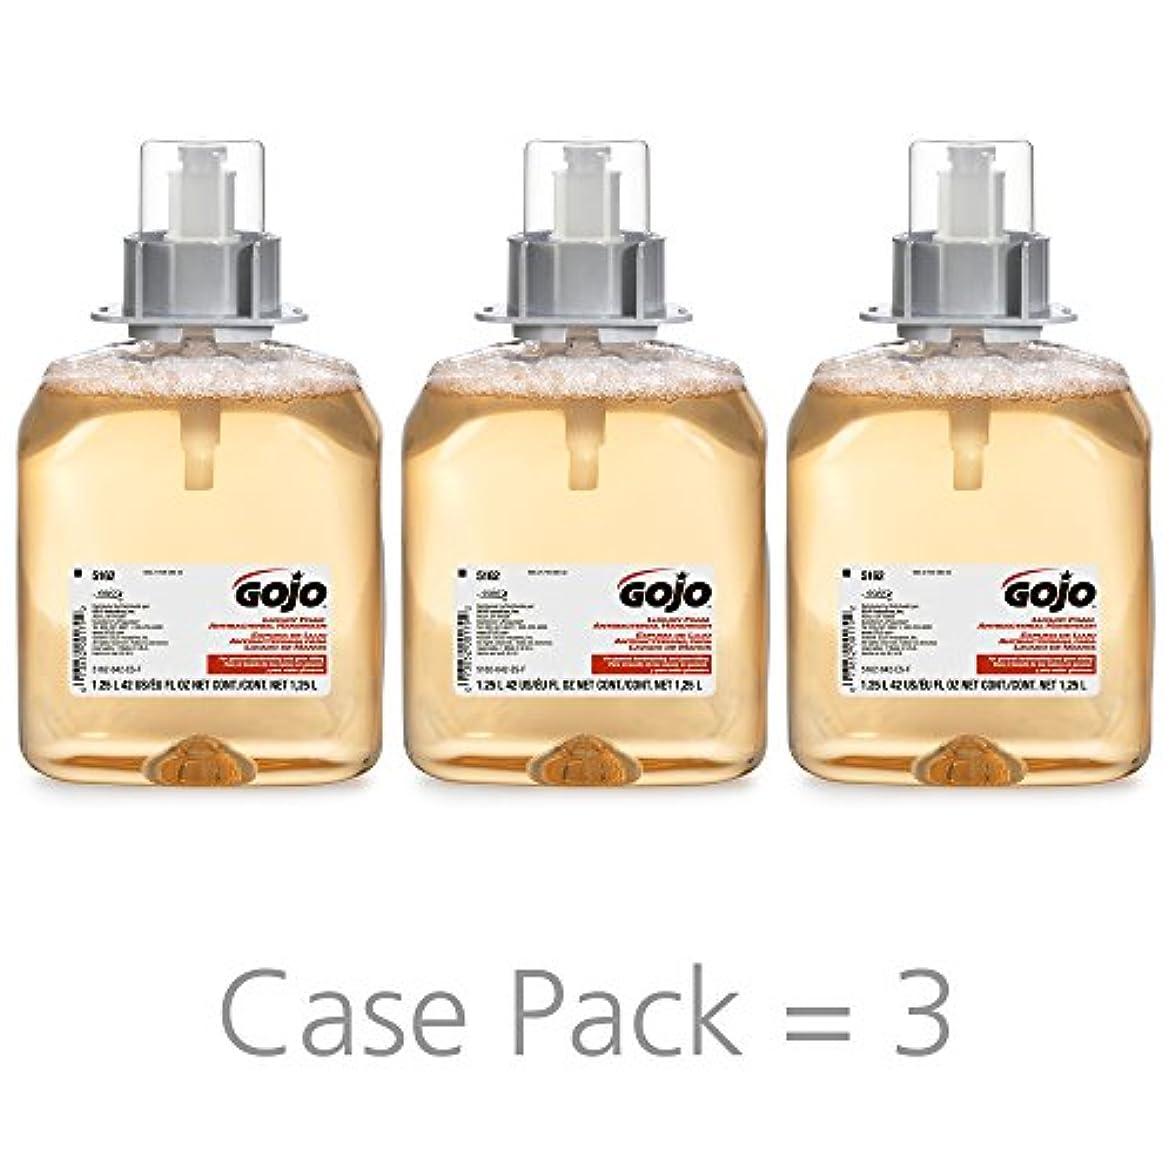 作業泣くアプライアンスGOJO 516203CT FMX-12 Foam Hand Wash, Fresh Fruit, FMX-12 Dispenser, 1250mL Pump, 3/Carton by Gojo